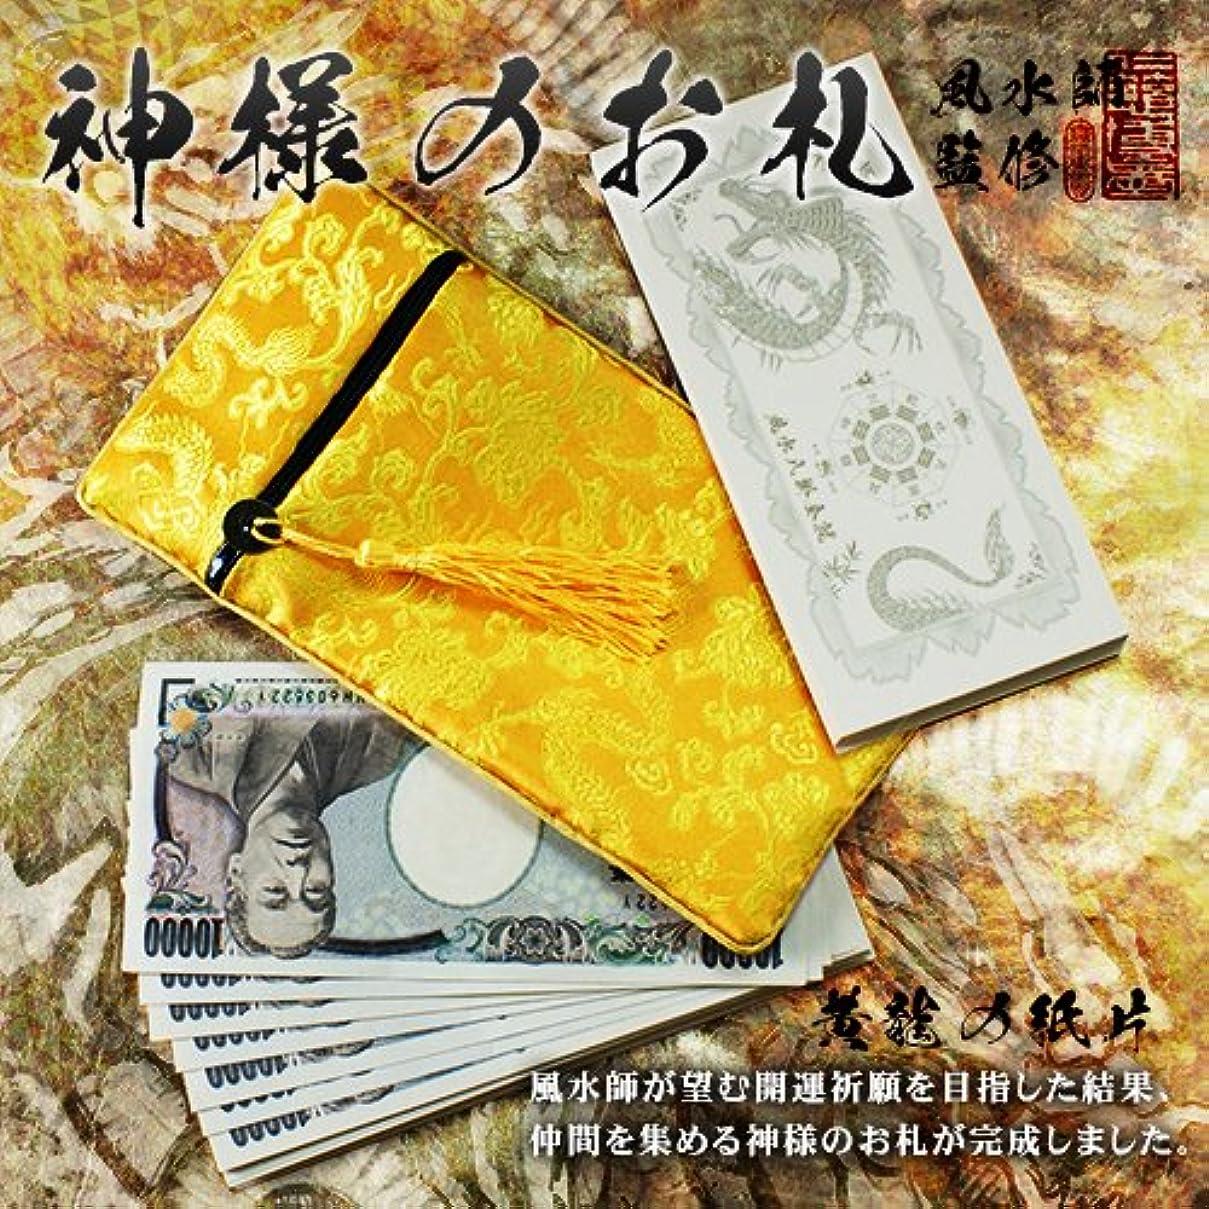 想定薬ラフ睡眠神様のお札 ~黄金黄龍の紙片~